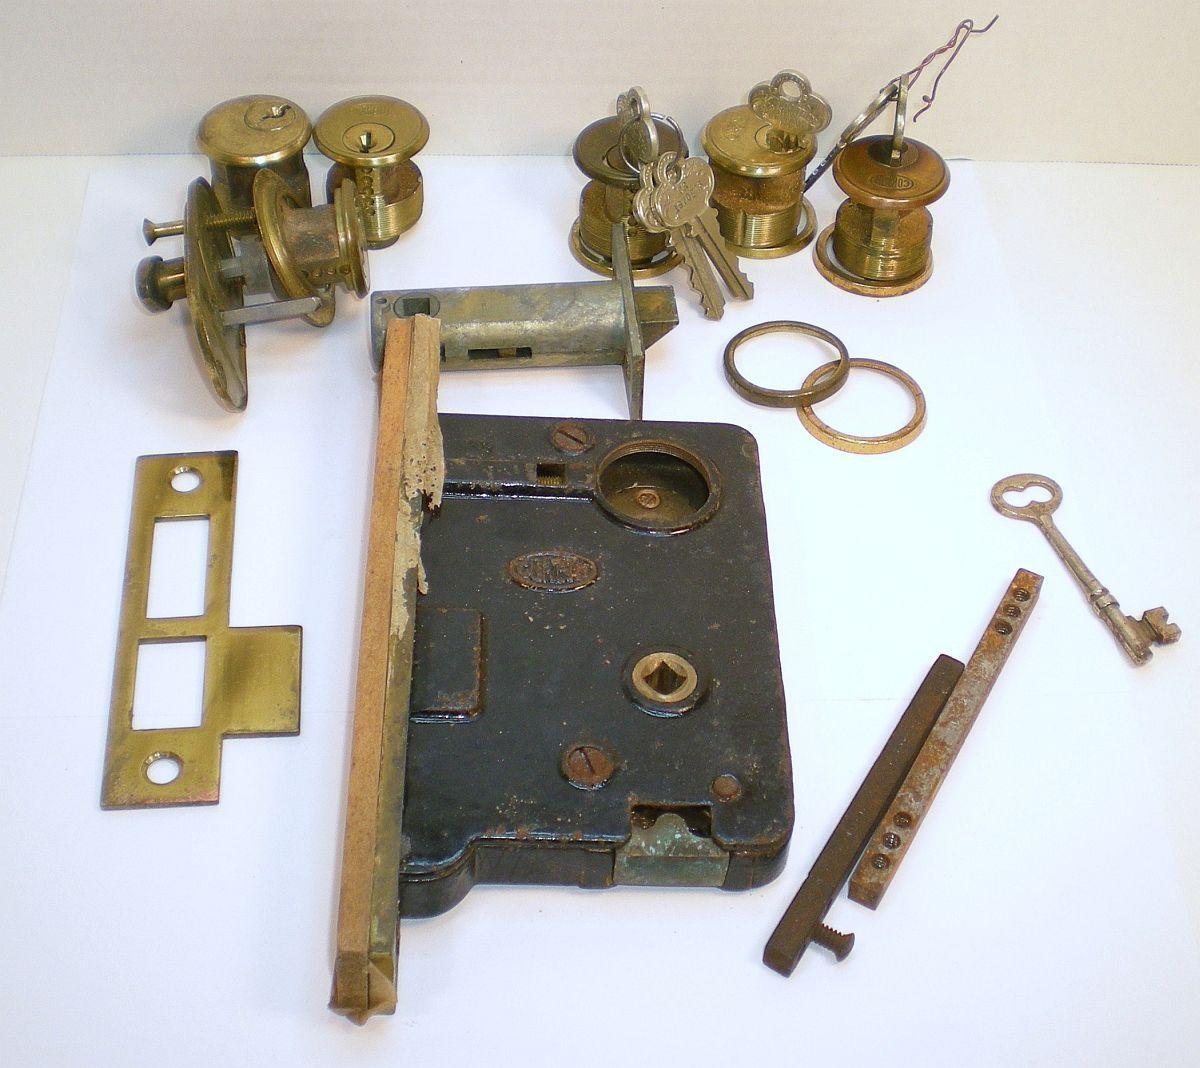 Corbin mortise 1920s vintage door hardware locks keys lot for 1920s door handles